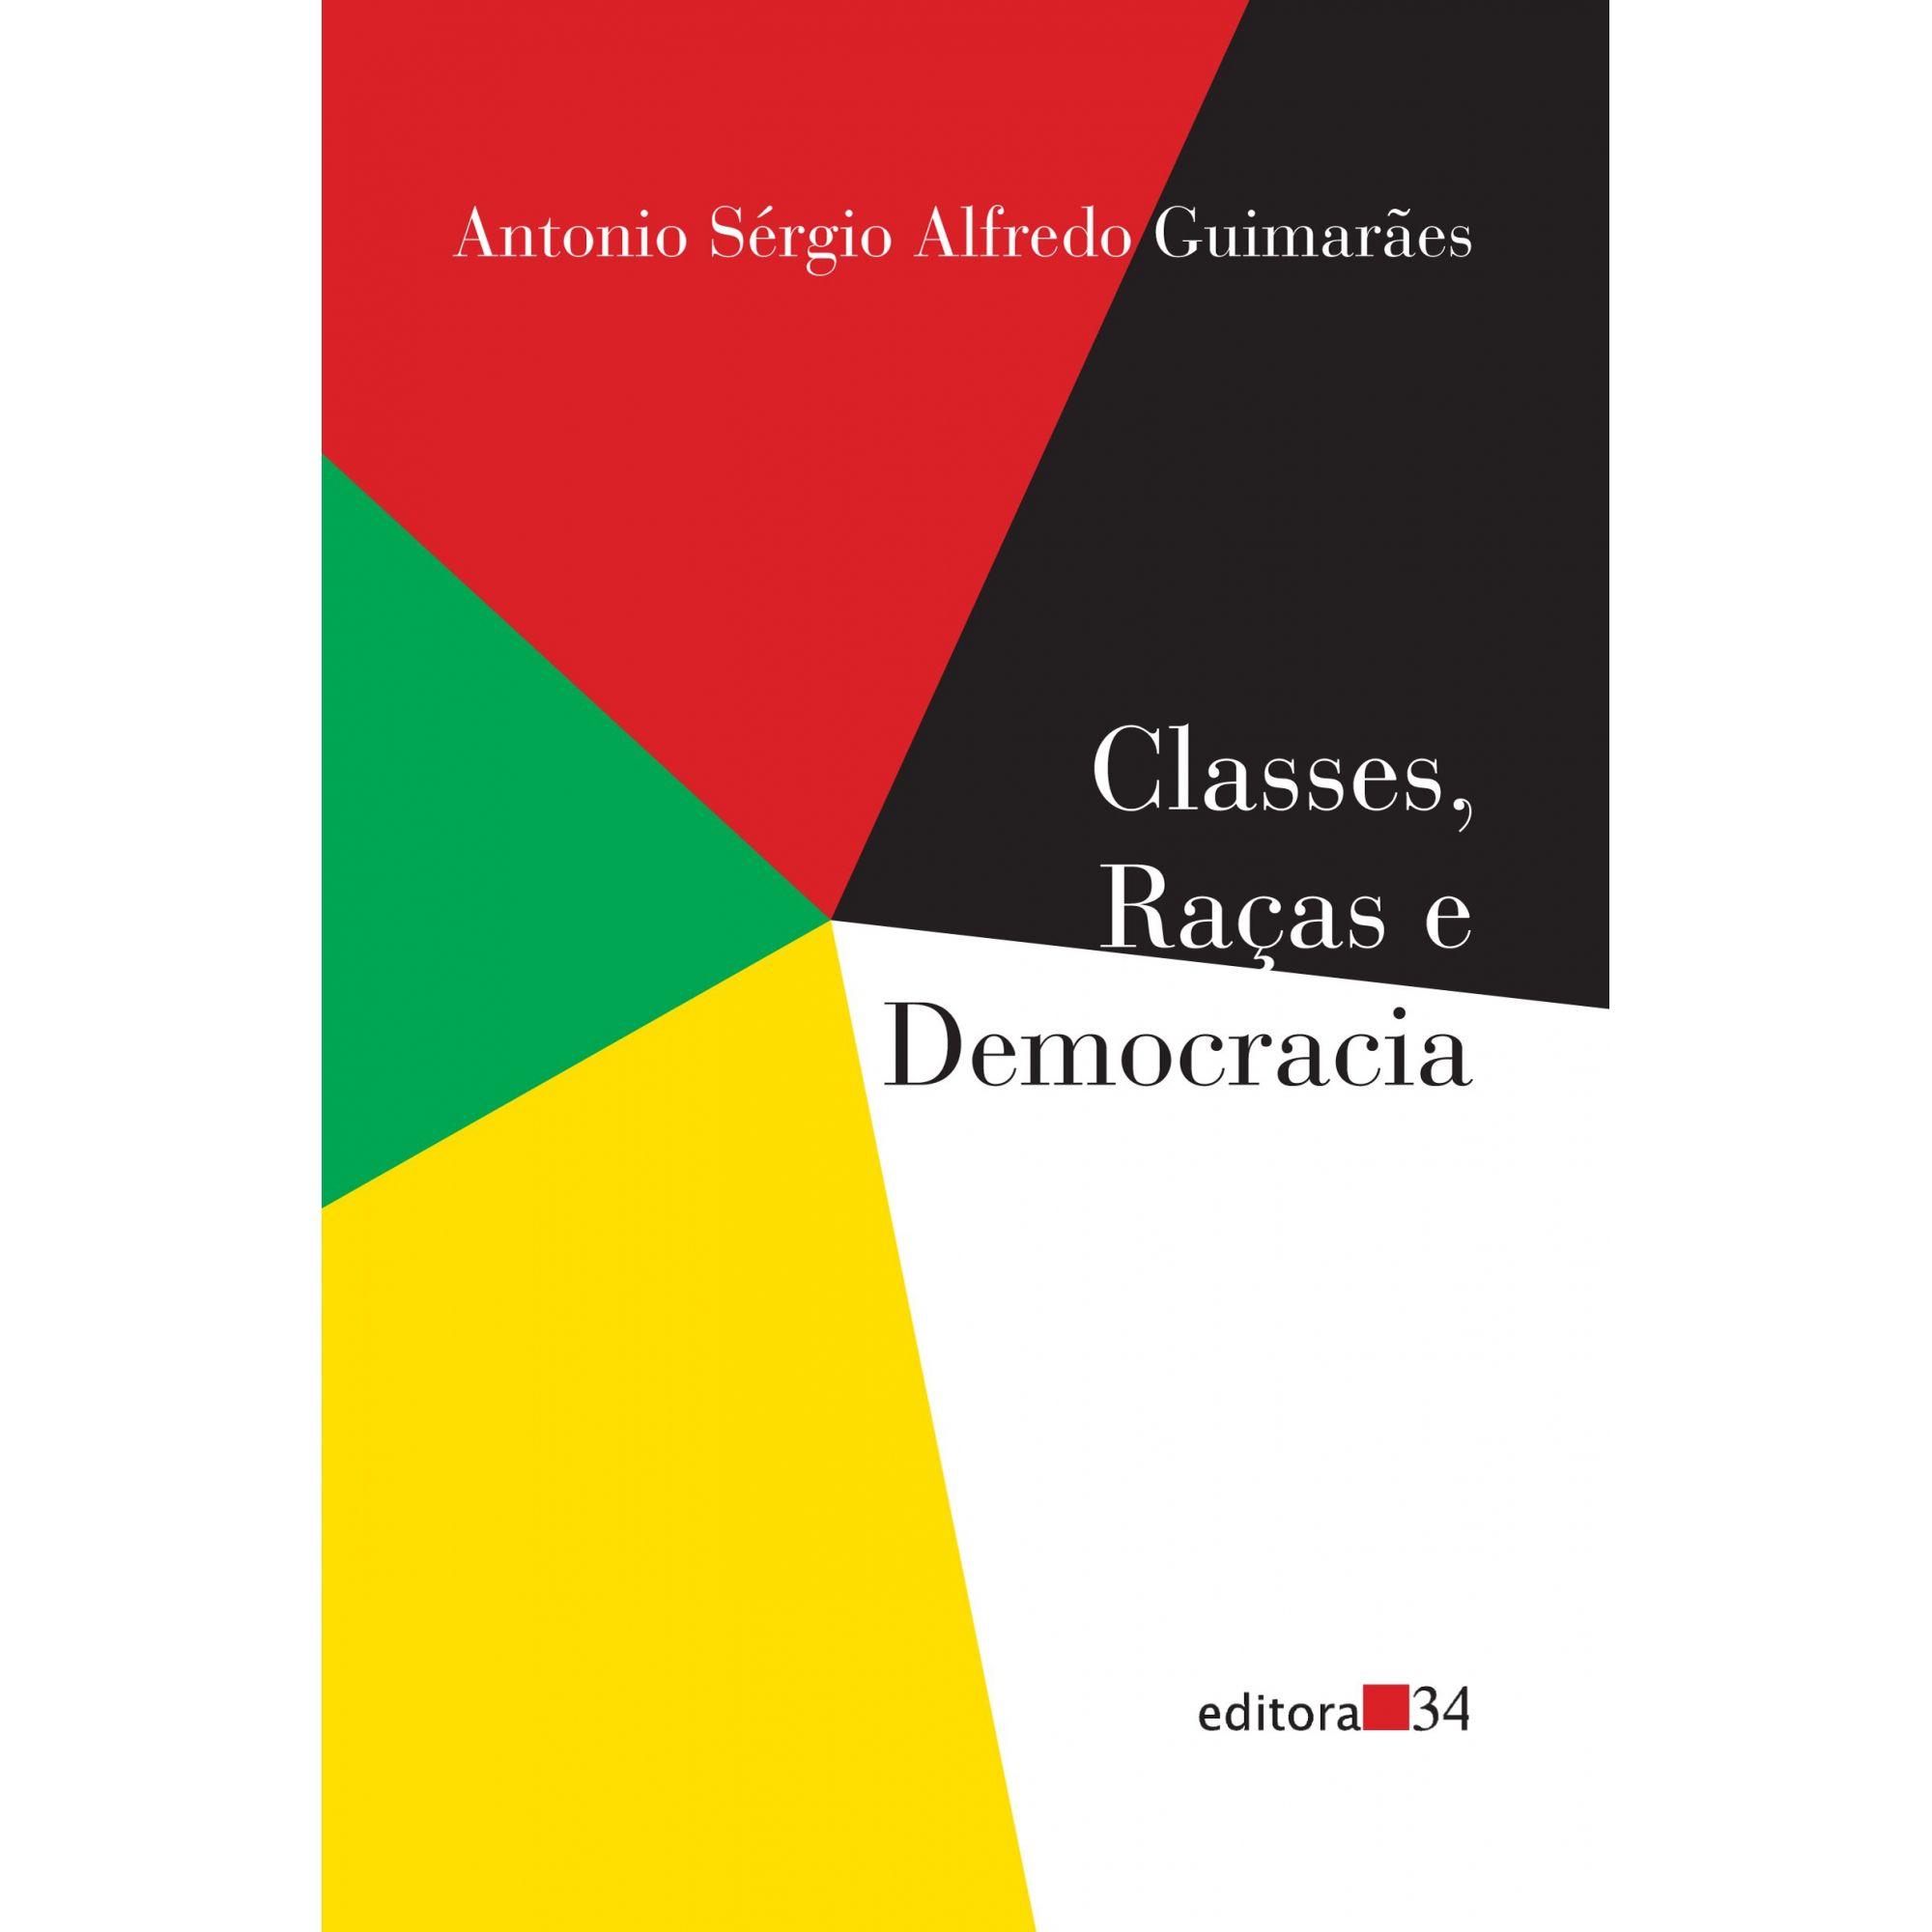 Classes, raças e democracia